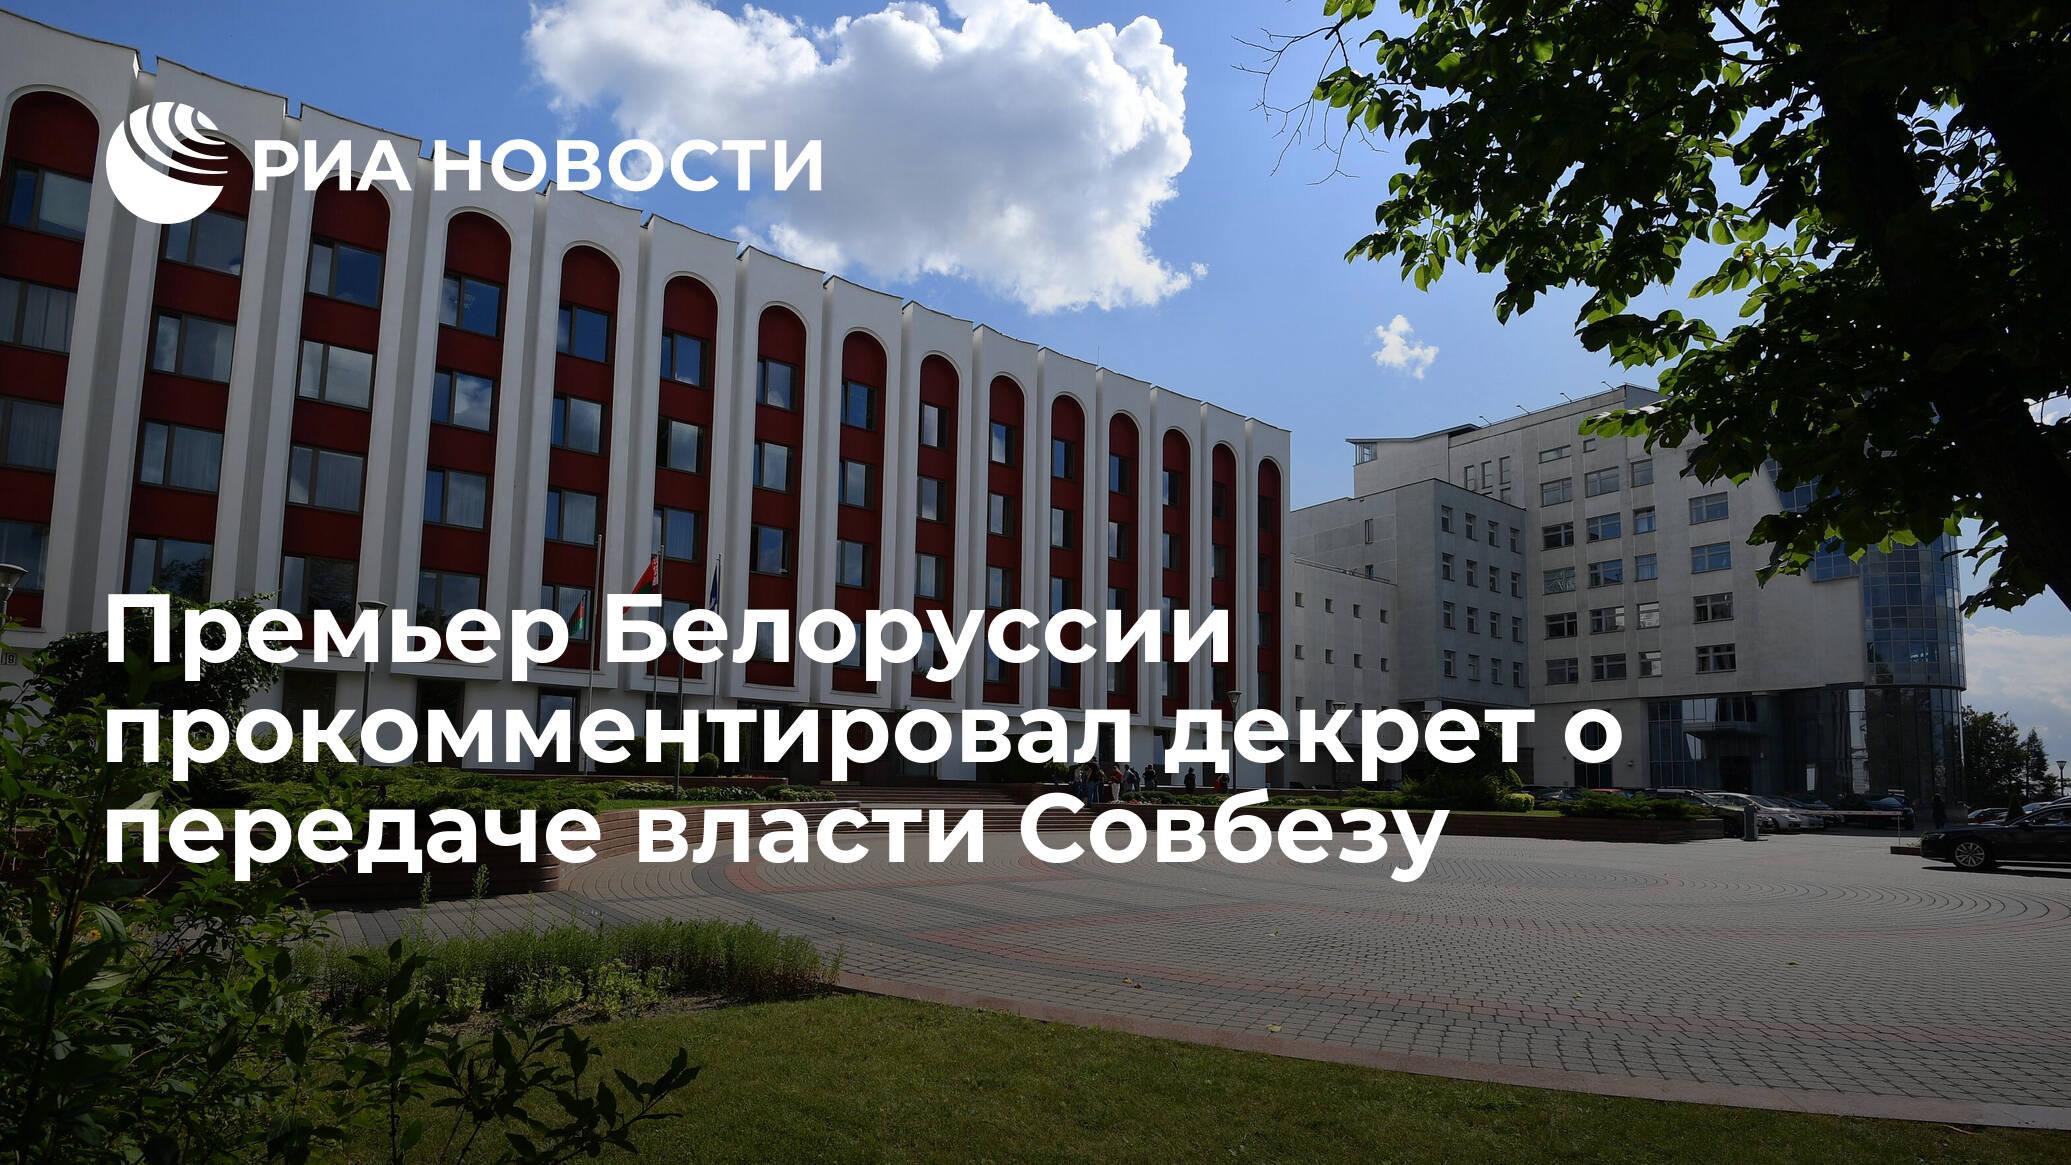 Премьер Белоруссии прокомментировал декрет о передаче власти Совбезу